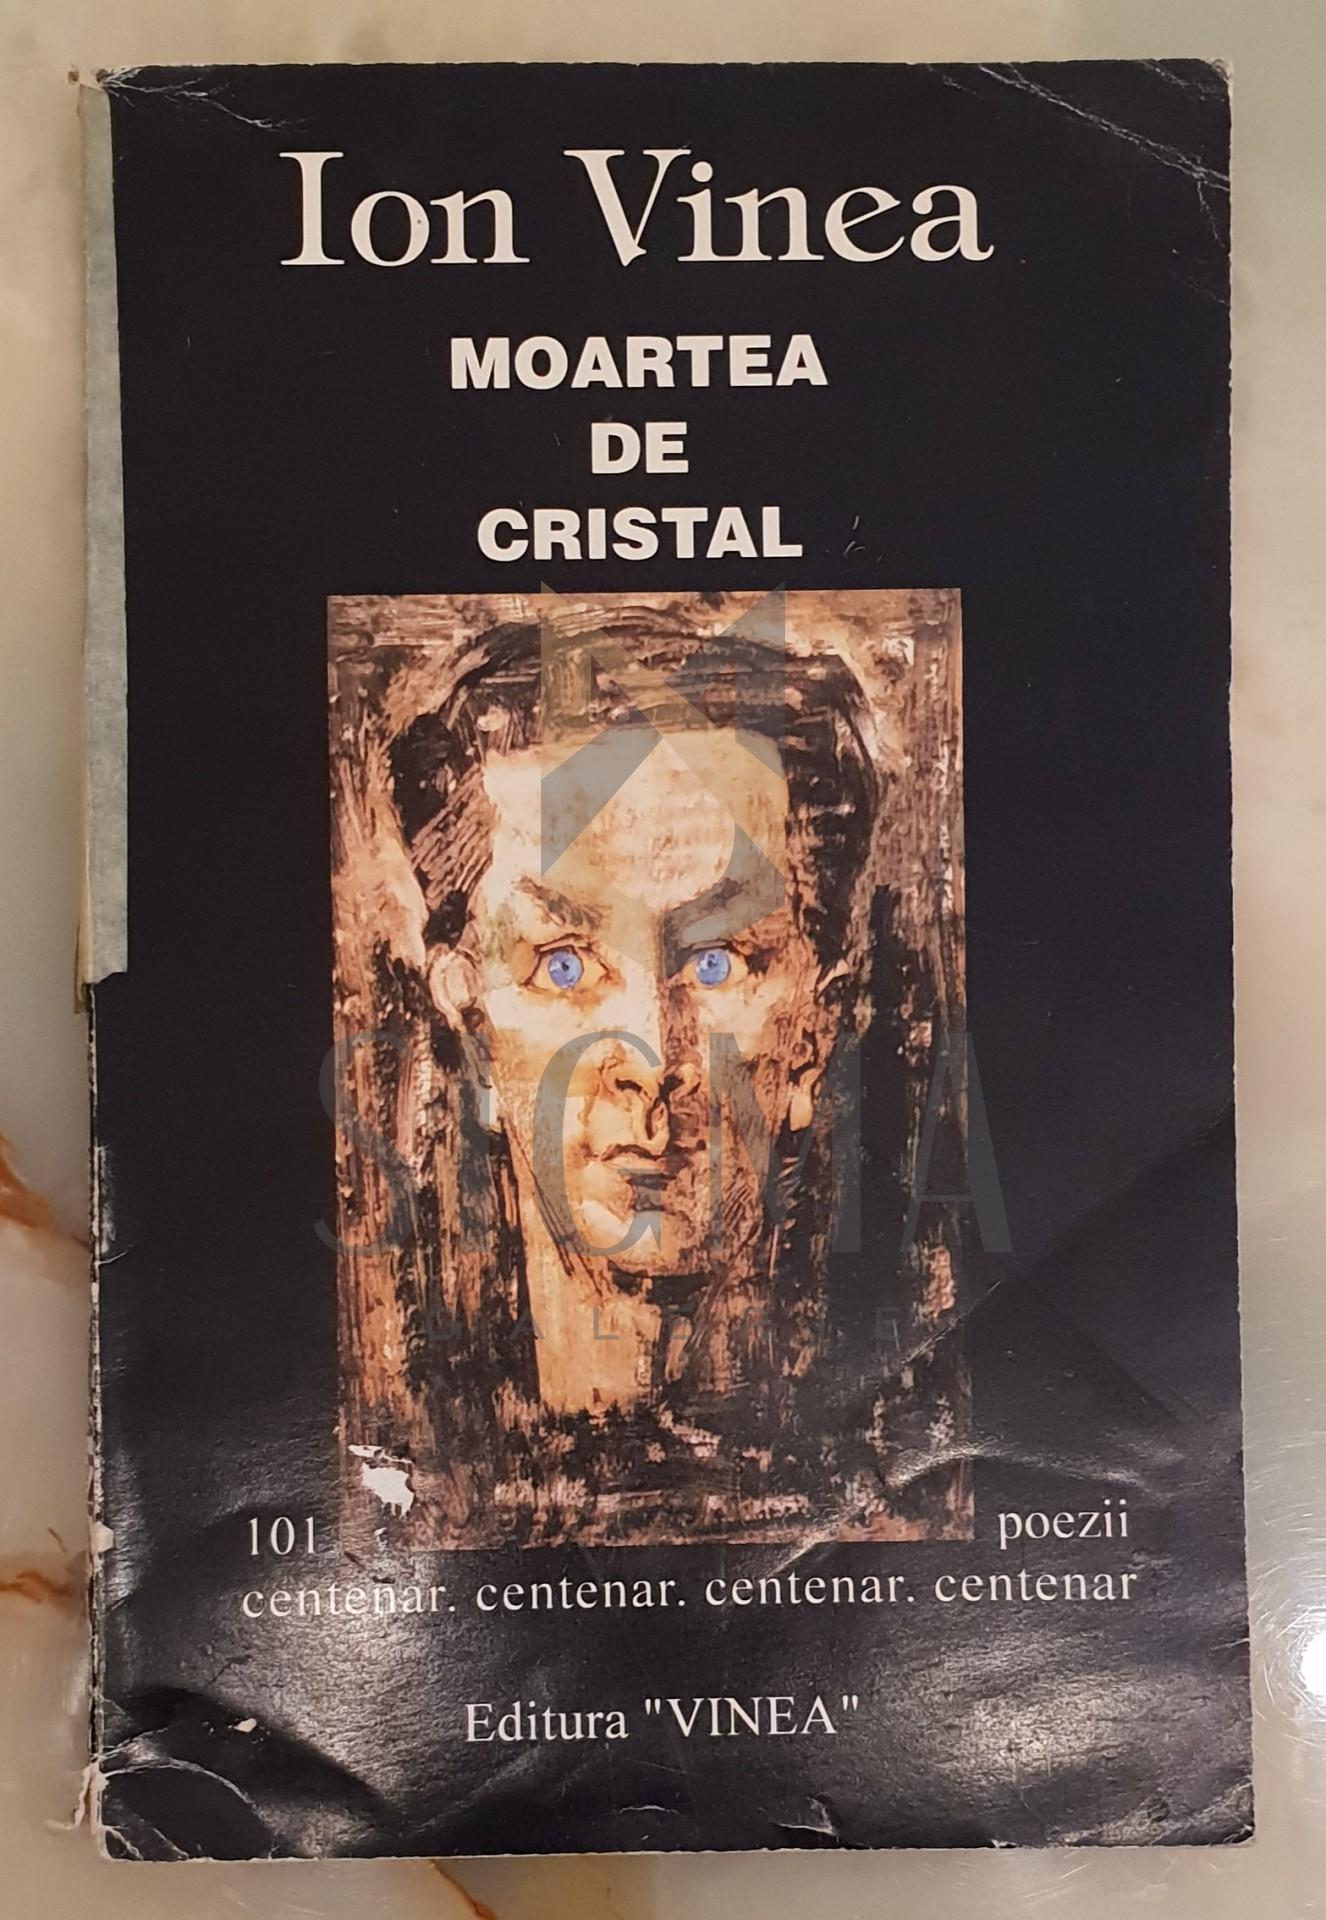 Moartea de cristal, cu Ilustratii dupa lucrarile lui Marcel Iancu si Magdalena Radulescu